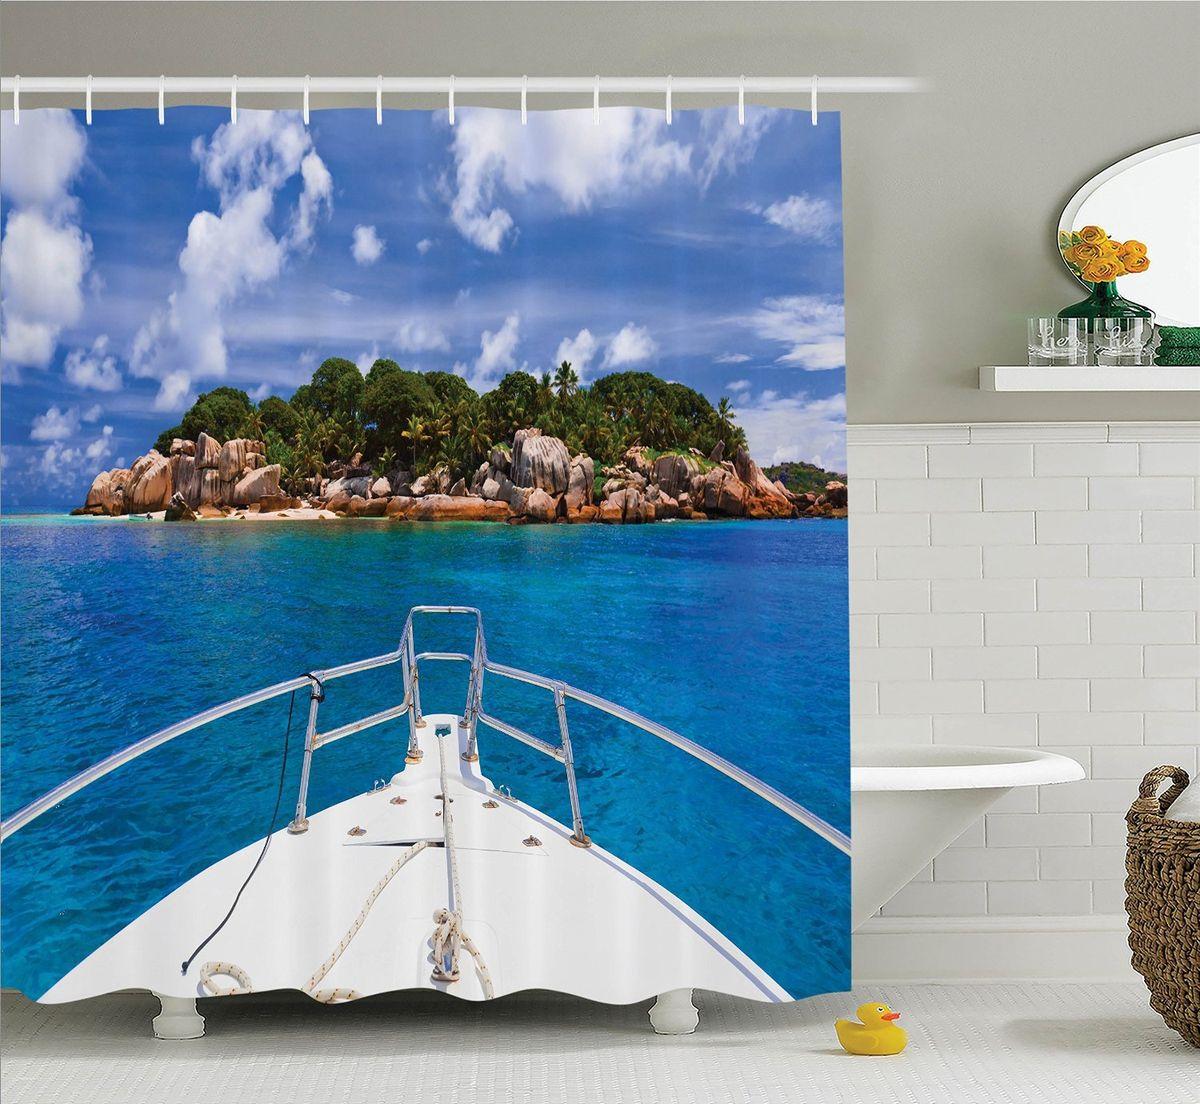 Штора для ванной комнаты Magic Lady На палубе, 180 х 200 см96515412Штора Magic Lady На палубе, изготовленная из высококачественного сатена (полиэстер 100%), отлично дополнит любой интерьер ванной комнаты. При изготовлении используются специальные гипоаллергенные чернила для прямой печати по ткани, безопасные для человека.В комплекте: 1 штора, 12 крючков. Обращаем ваше внимание, фактический цвет изделия может незначительно отличаться от представленного на фото.